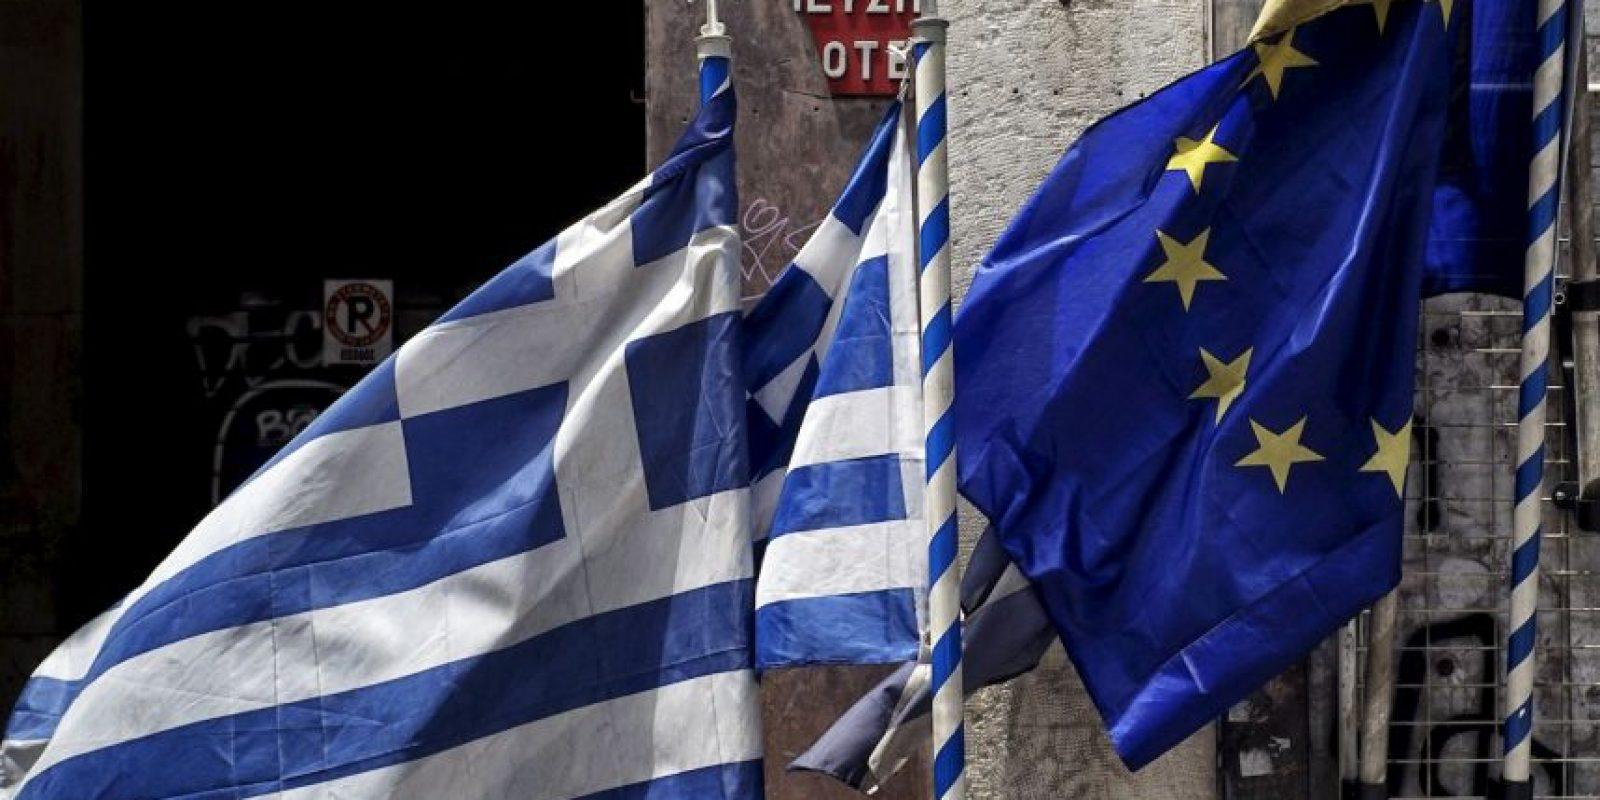 """6. """"Grecia, la cuna de la democracia, enviará una respuesta democrática resonante a Europa y a todo el mundo"""". Foto:Getty Images"""